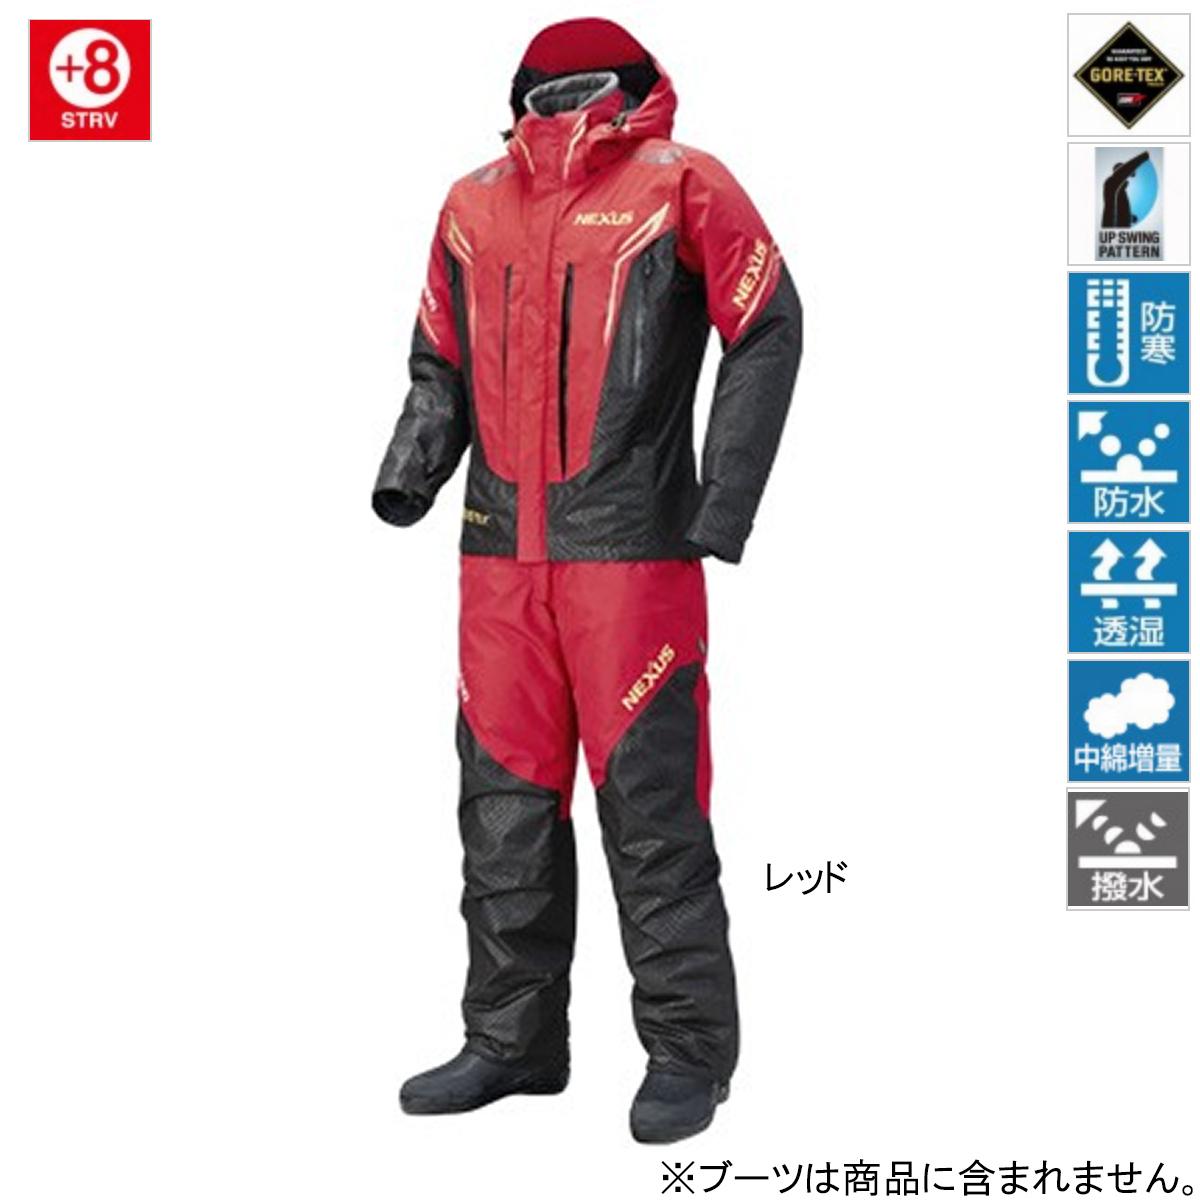 シマノ NEXUS・GORE-TEX コールドウェザースーツ EX RB-119R L レッド(東日本店)